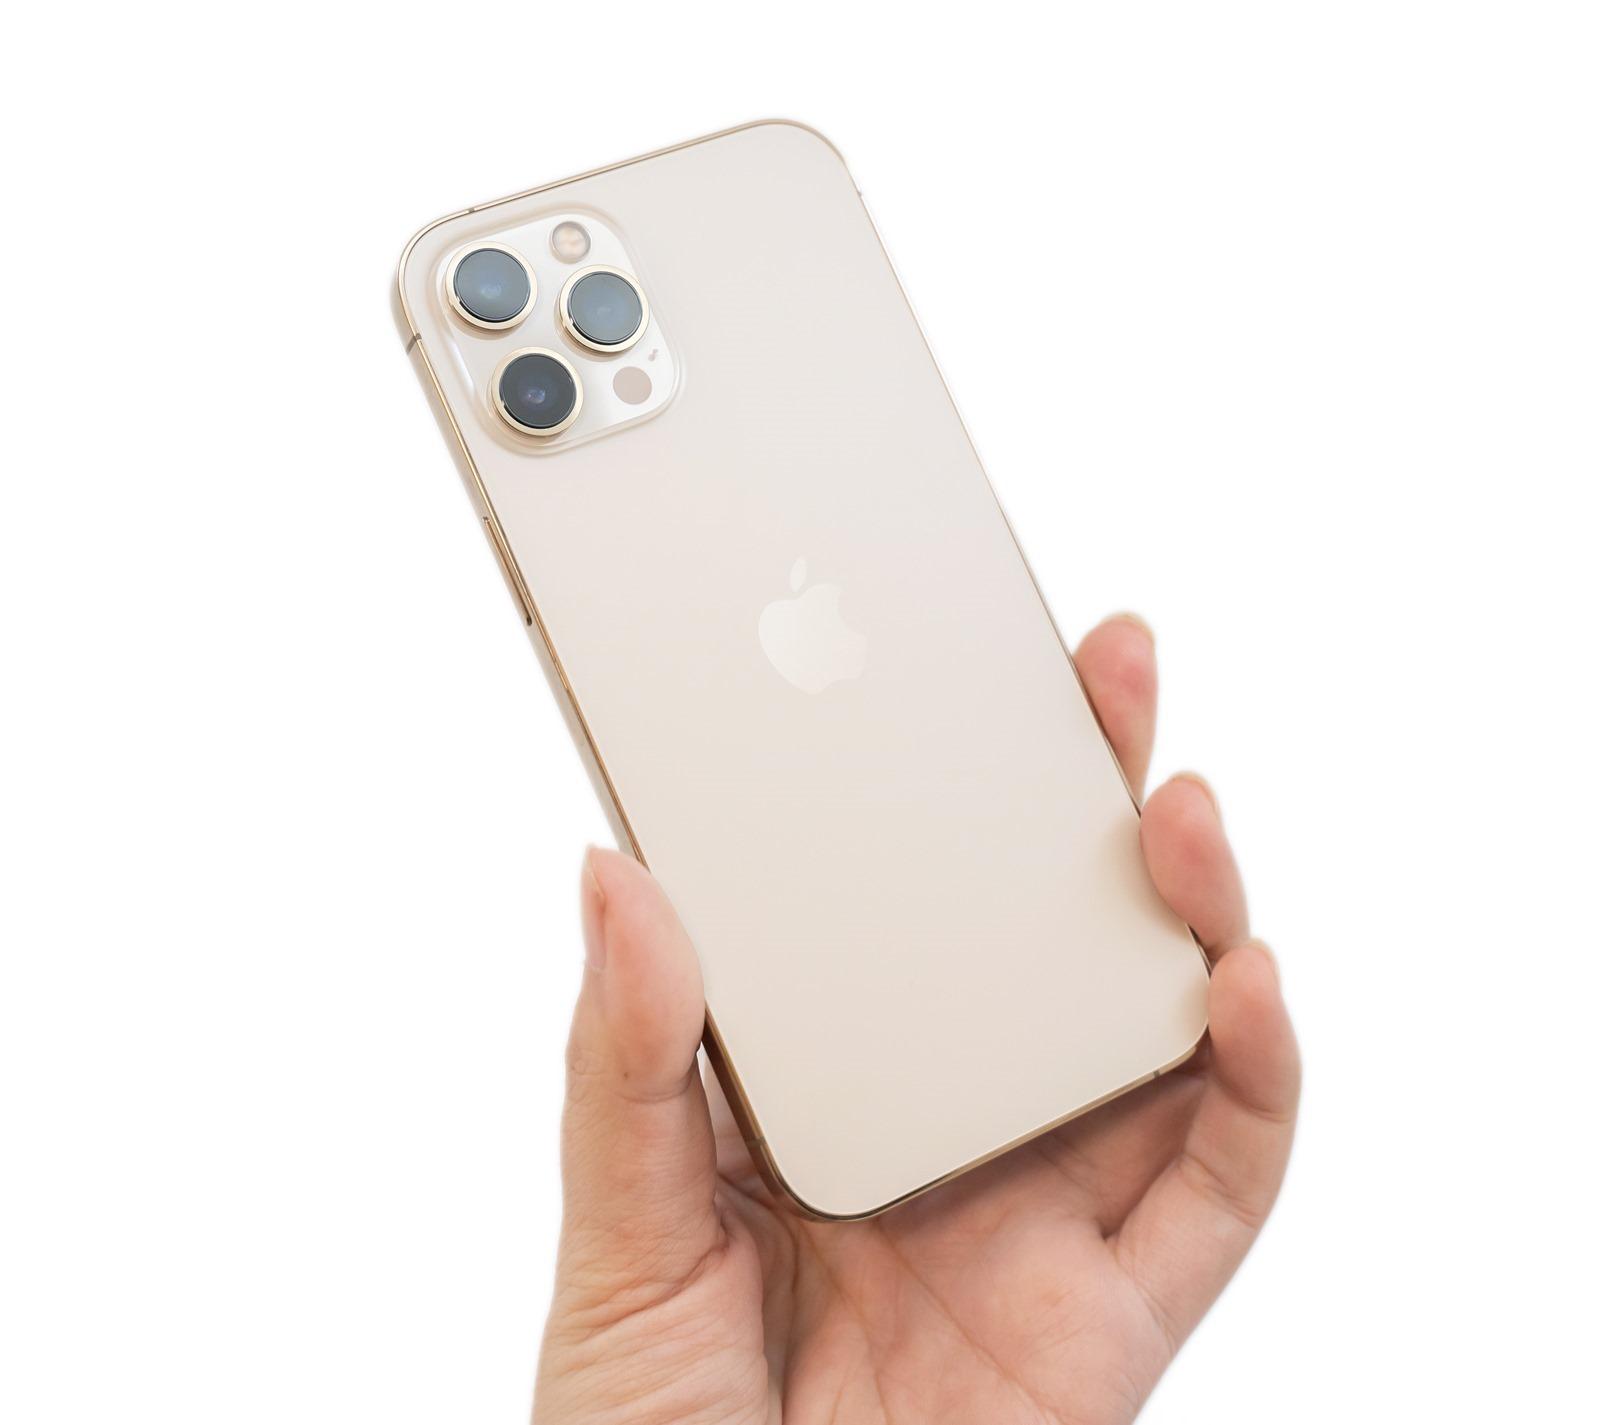 最強最大 iPhone 12 Pro Max 開箱!6.7 吋大螢幕與全新感光元件 (Apple iPhone 12 Pro Max 金色機) + 性能電力/充電實測 @3C 達人廖阿輝